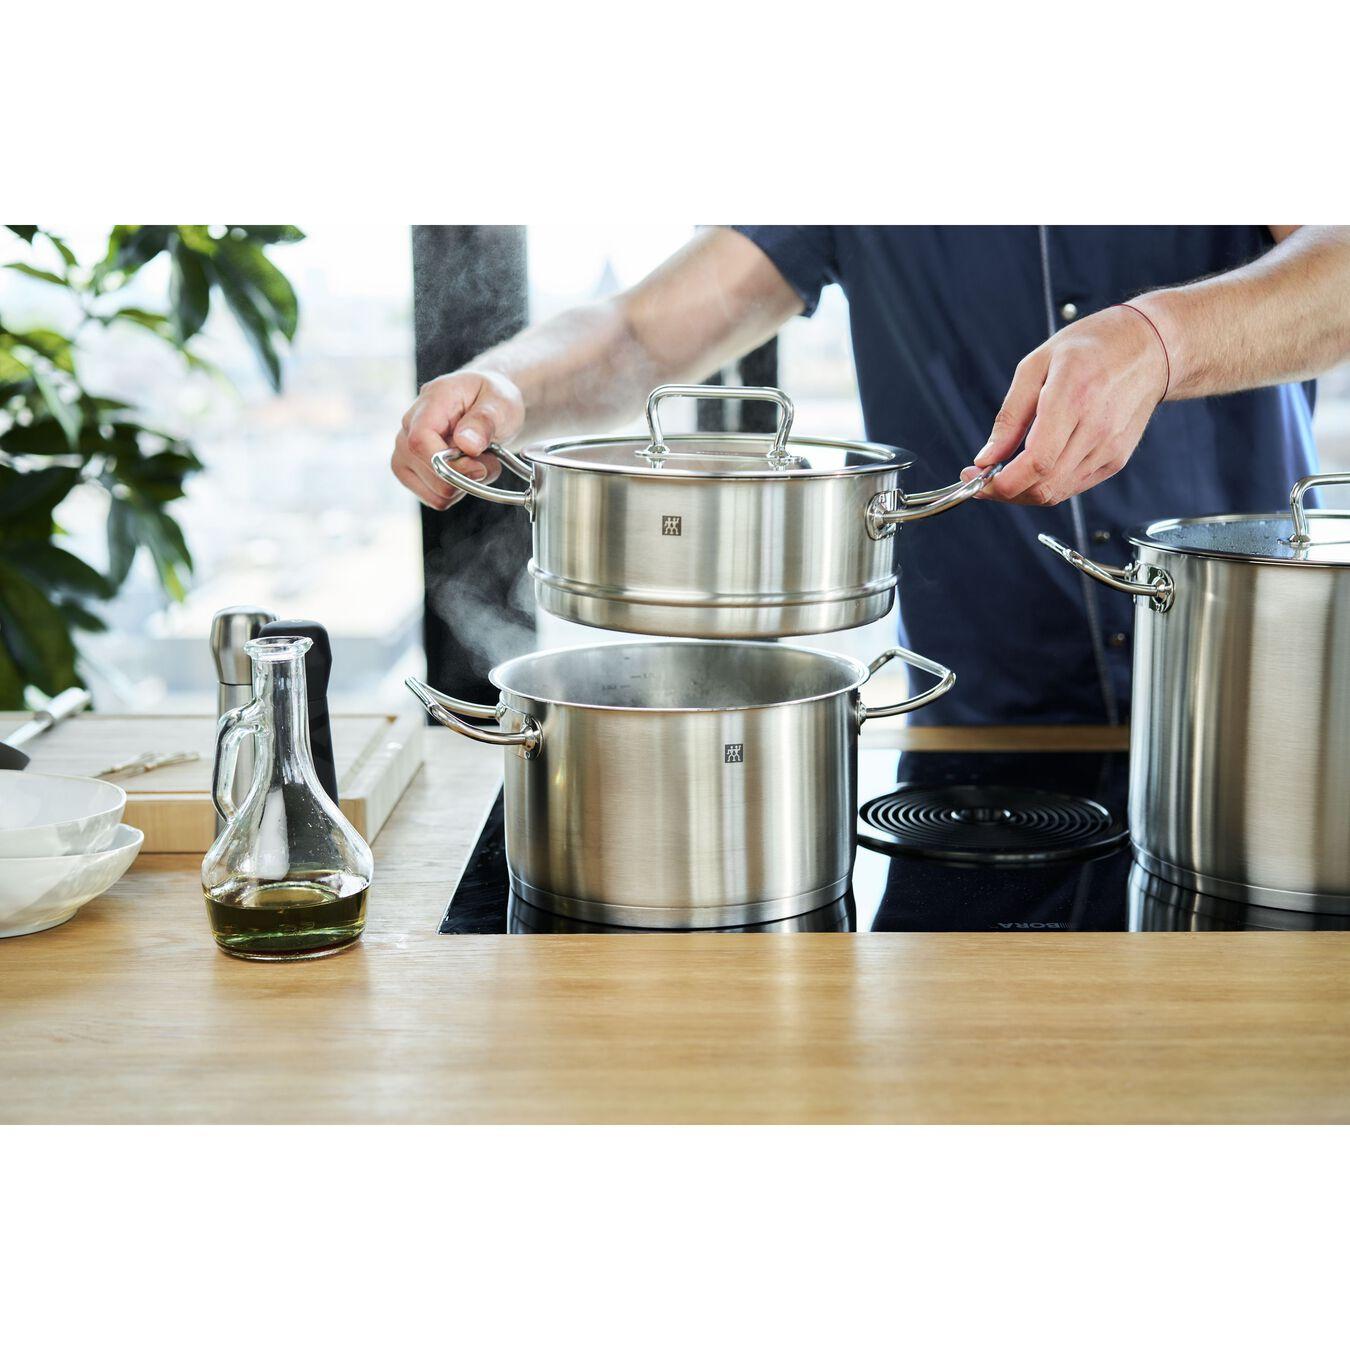 Passoire pour cuit vapeur 24 cm, Inox 18/10,,large 7